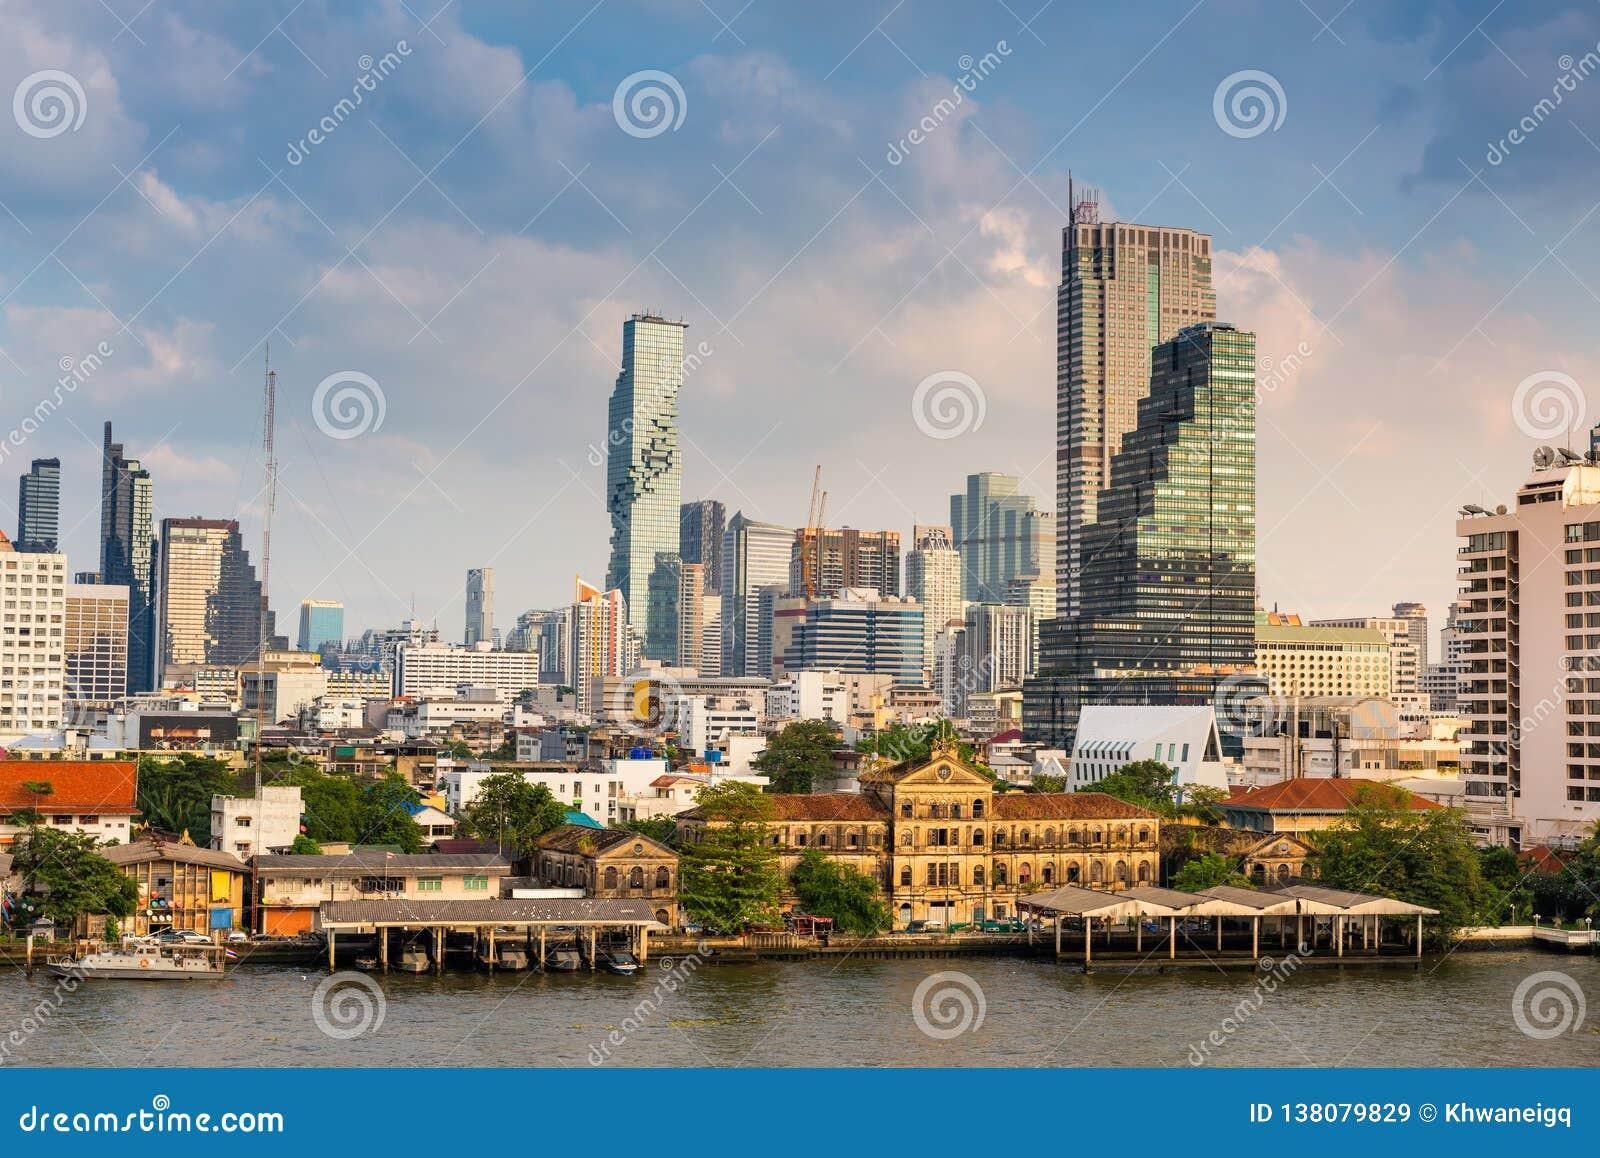 Городской пейзаж города Бангкока и здания небоскребов Таиланда , Ландшафт дела и финансовый центр Таиланда ,